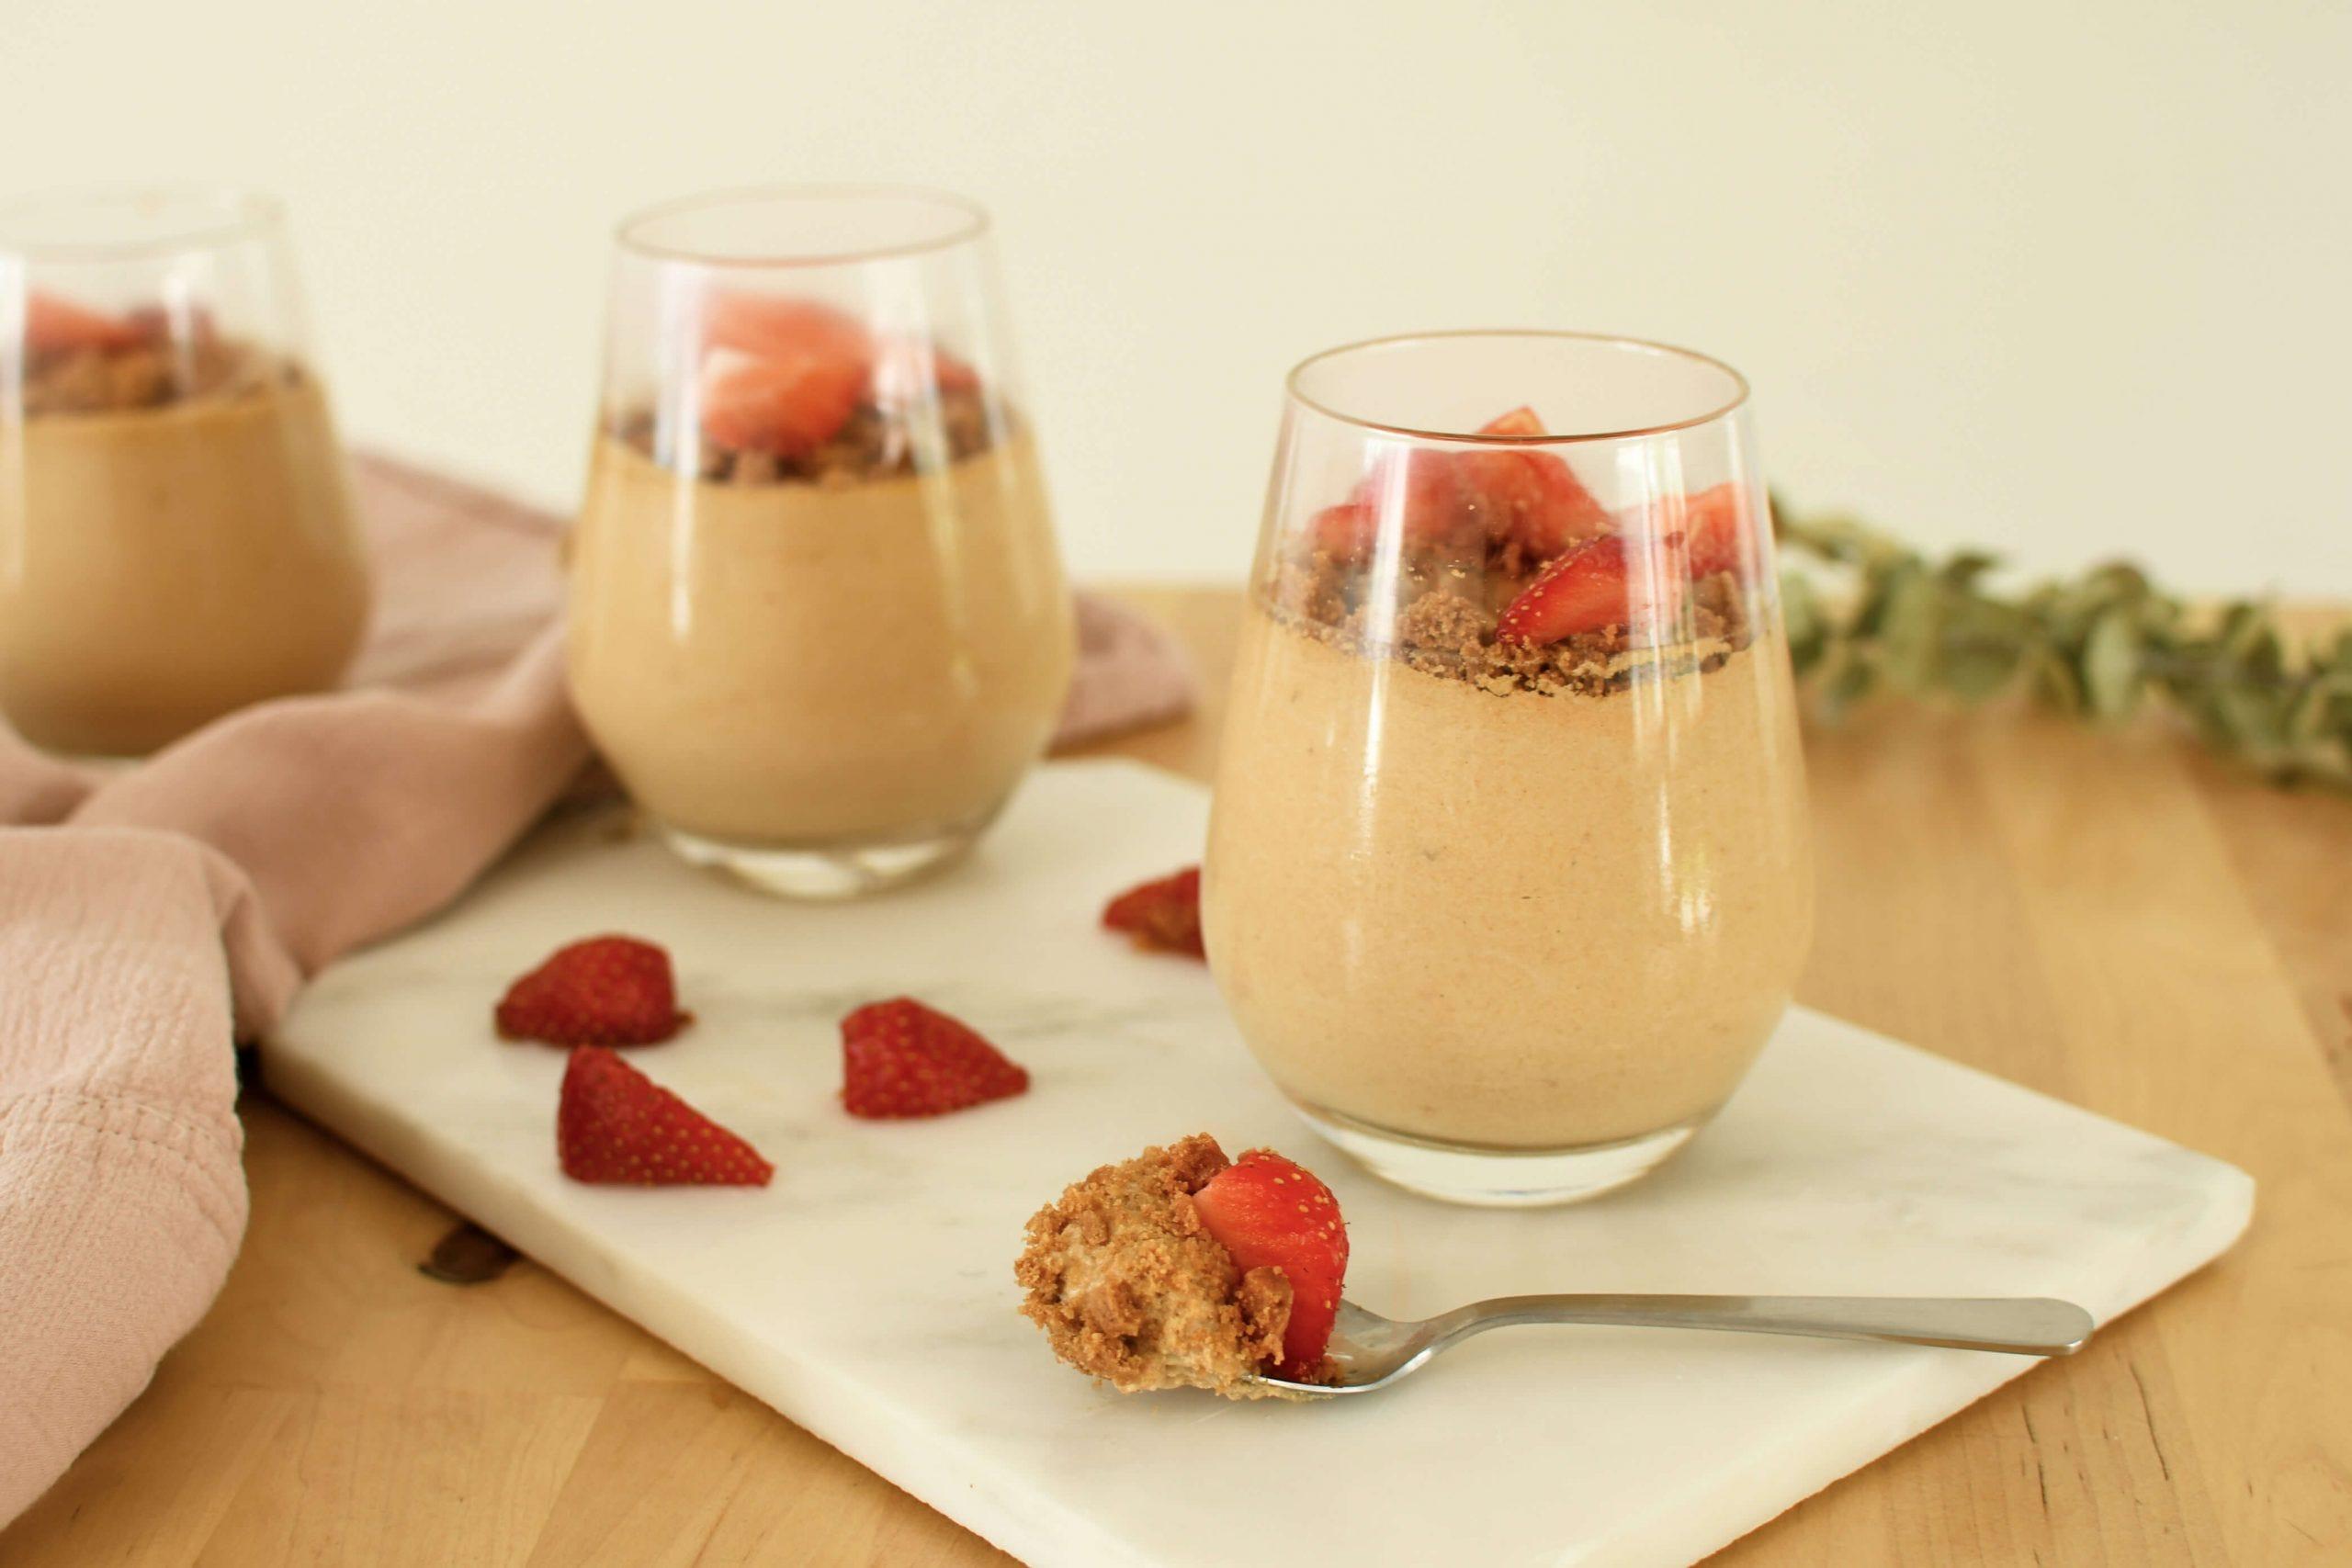 Gustate il famoso biscotto speculoos accompagnato con fragole di stagione in una mousse cremosa per il dessert!